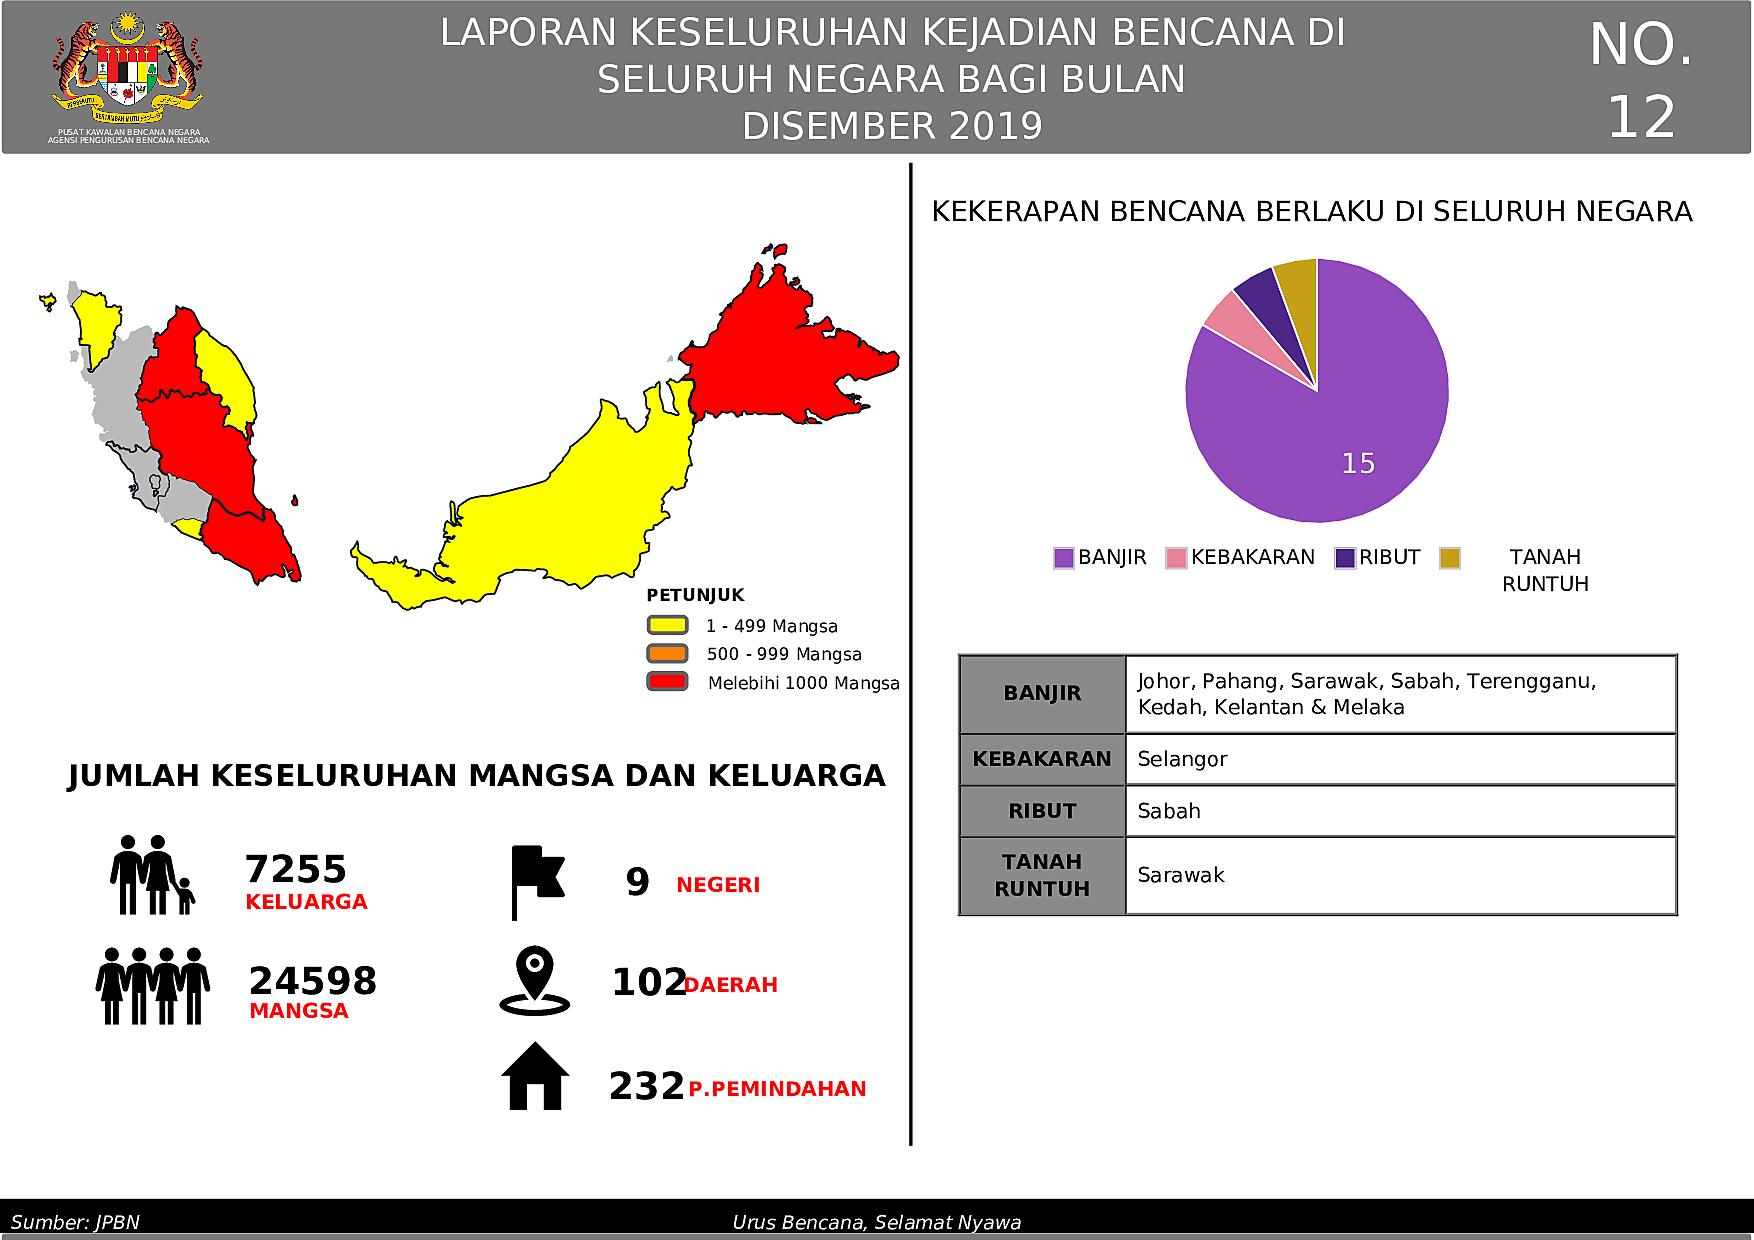 Laporan Bulanan  - December 2019 oleh Izam Md Aris